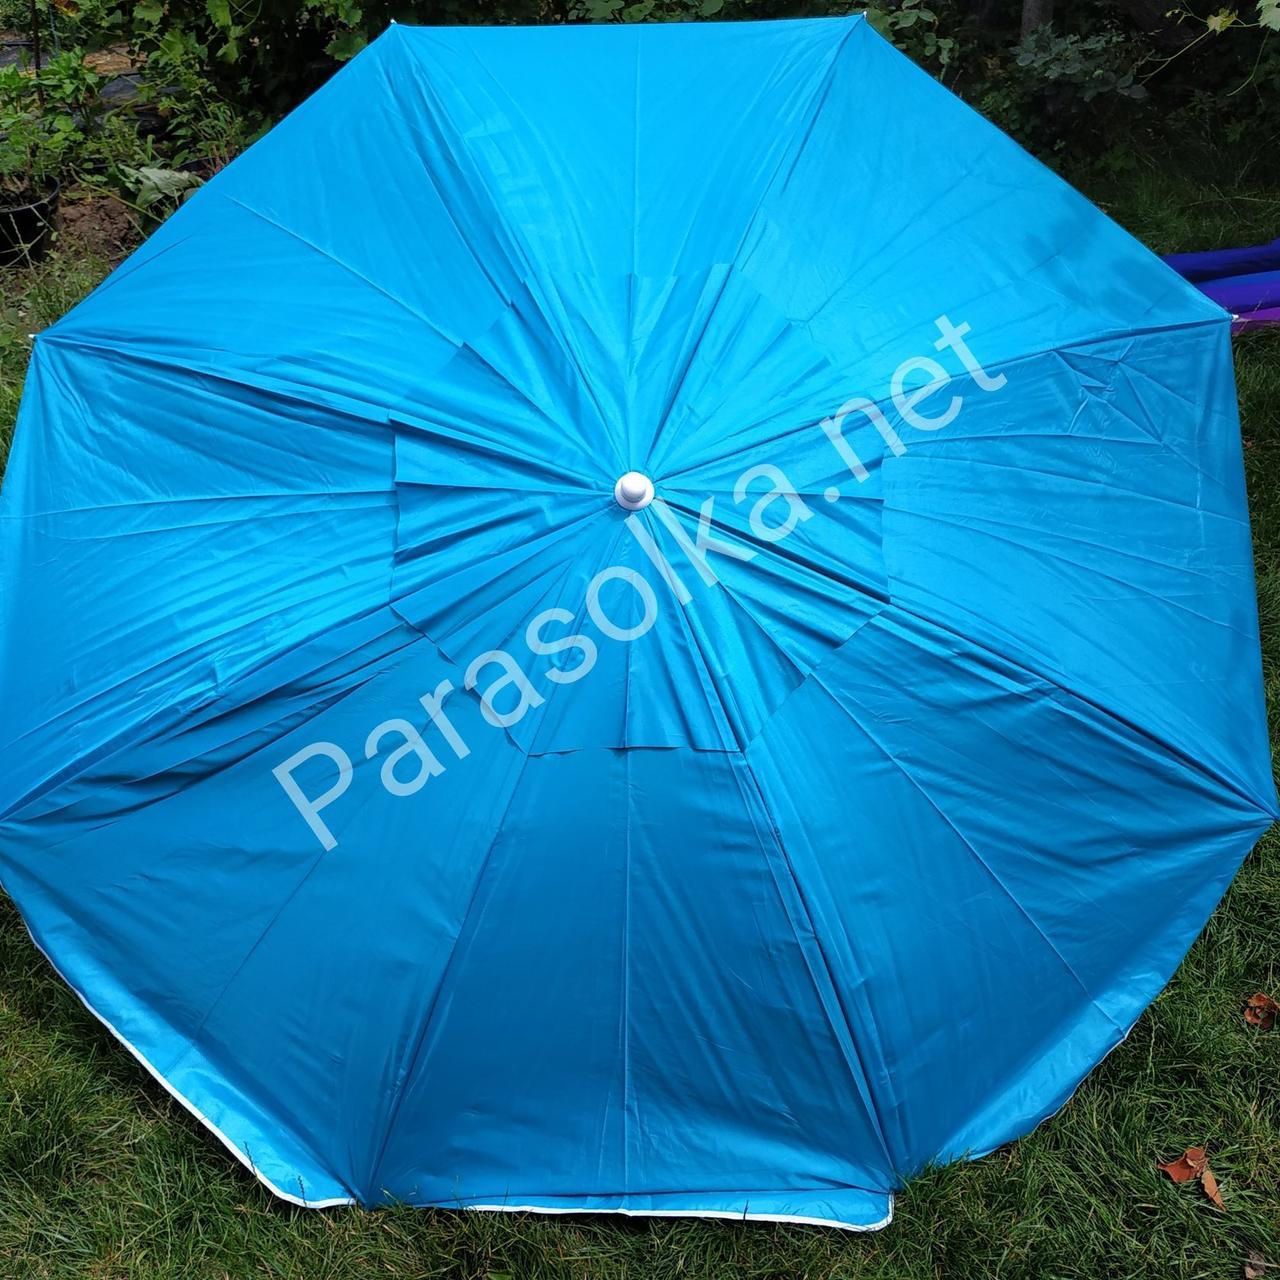 Пляжный зонт бирюзовый 1,8 метра усиленный